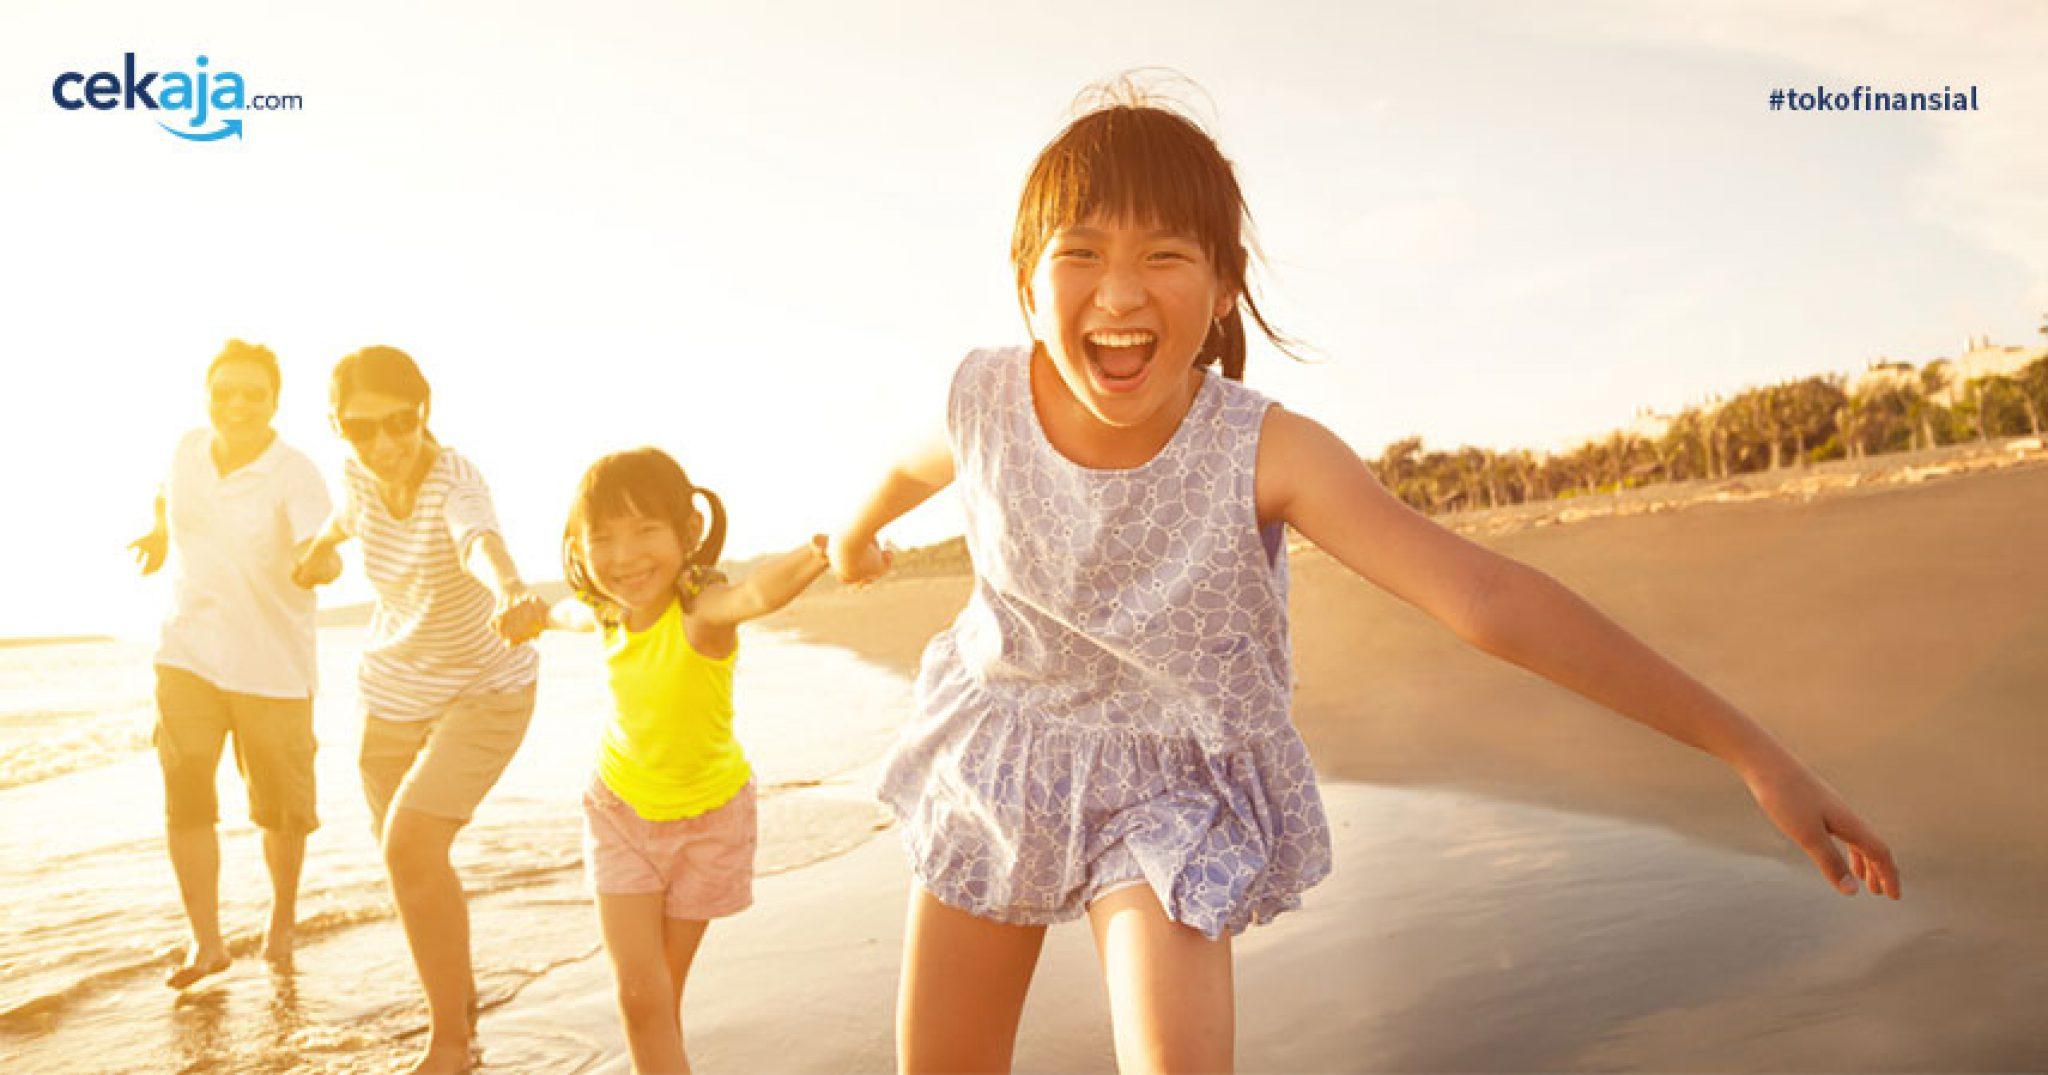 liburan keluarga_asuransi perjalanan-CekAja.com